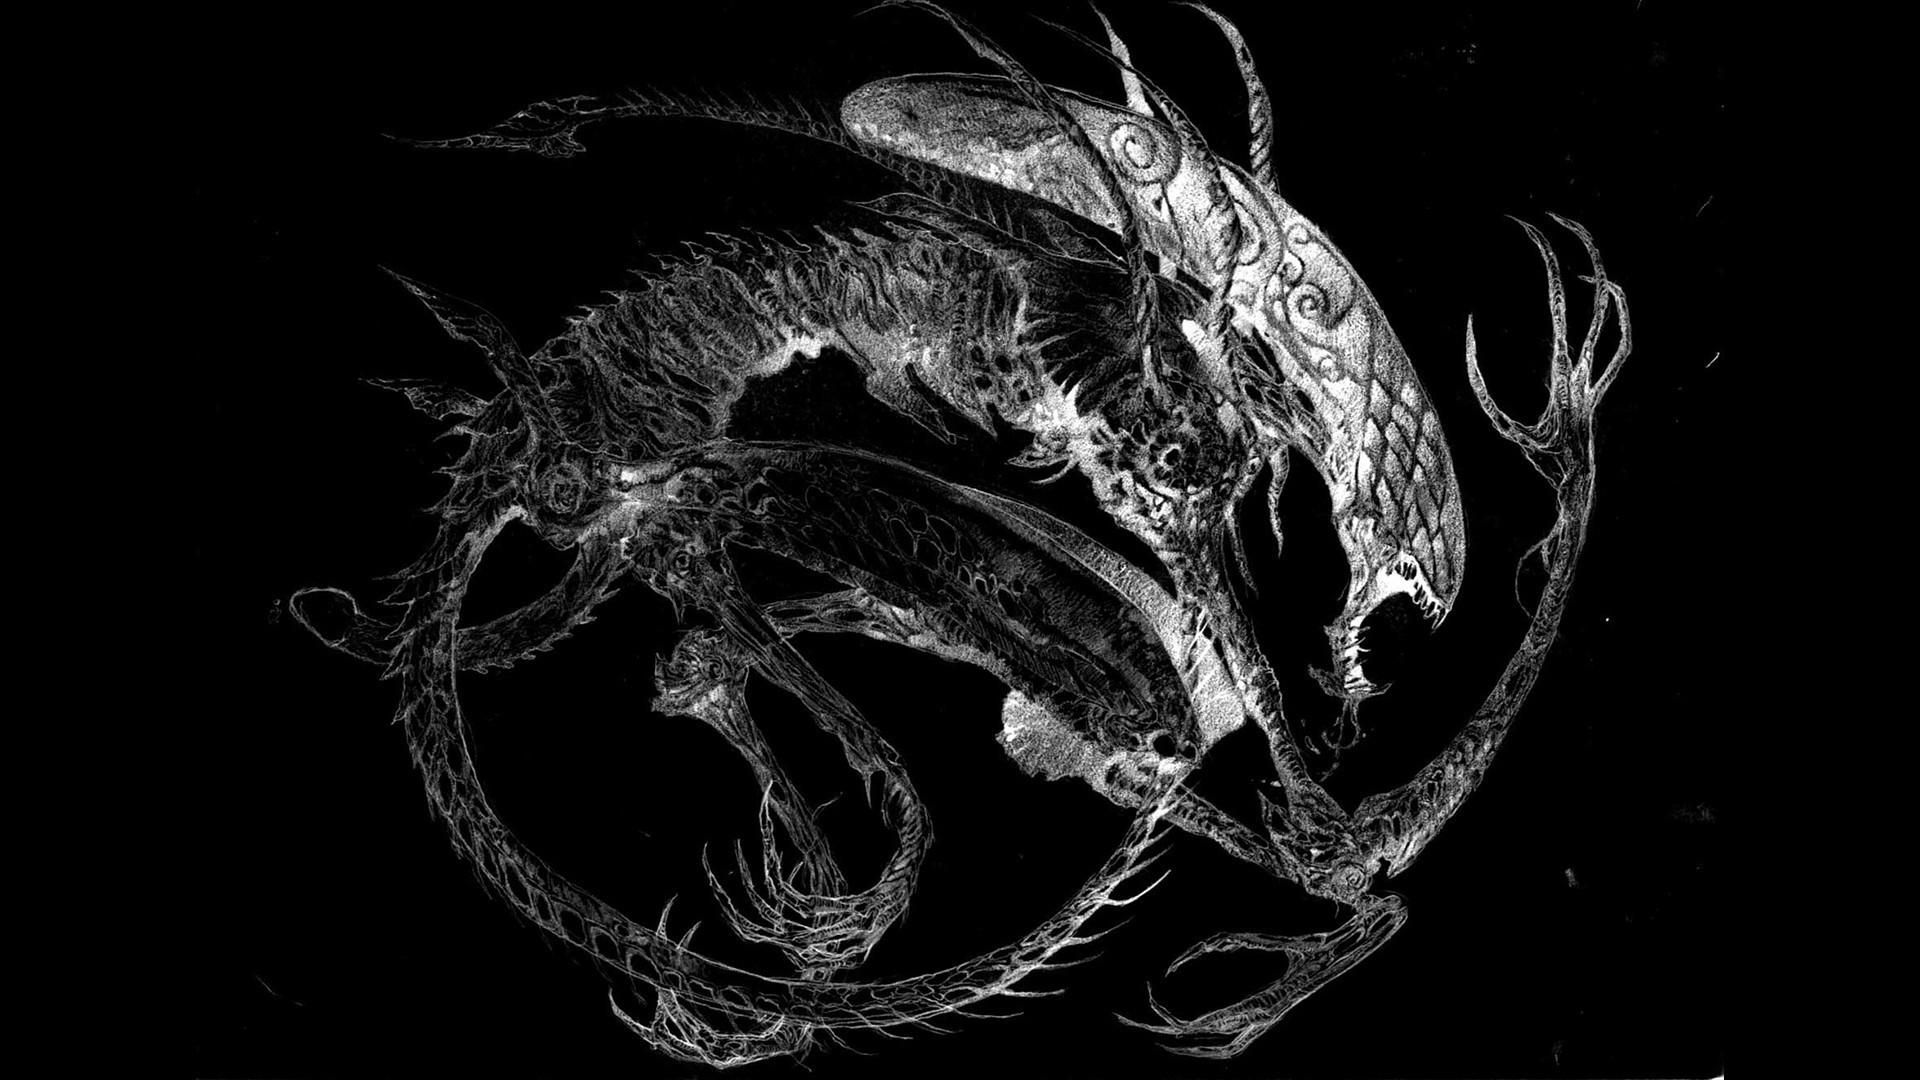 Xenomorph Aliens Alien movie Wallpapers HD Desktop 1920x1080